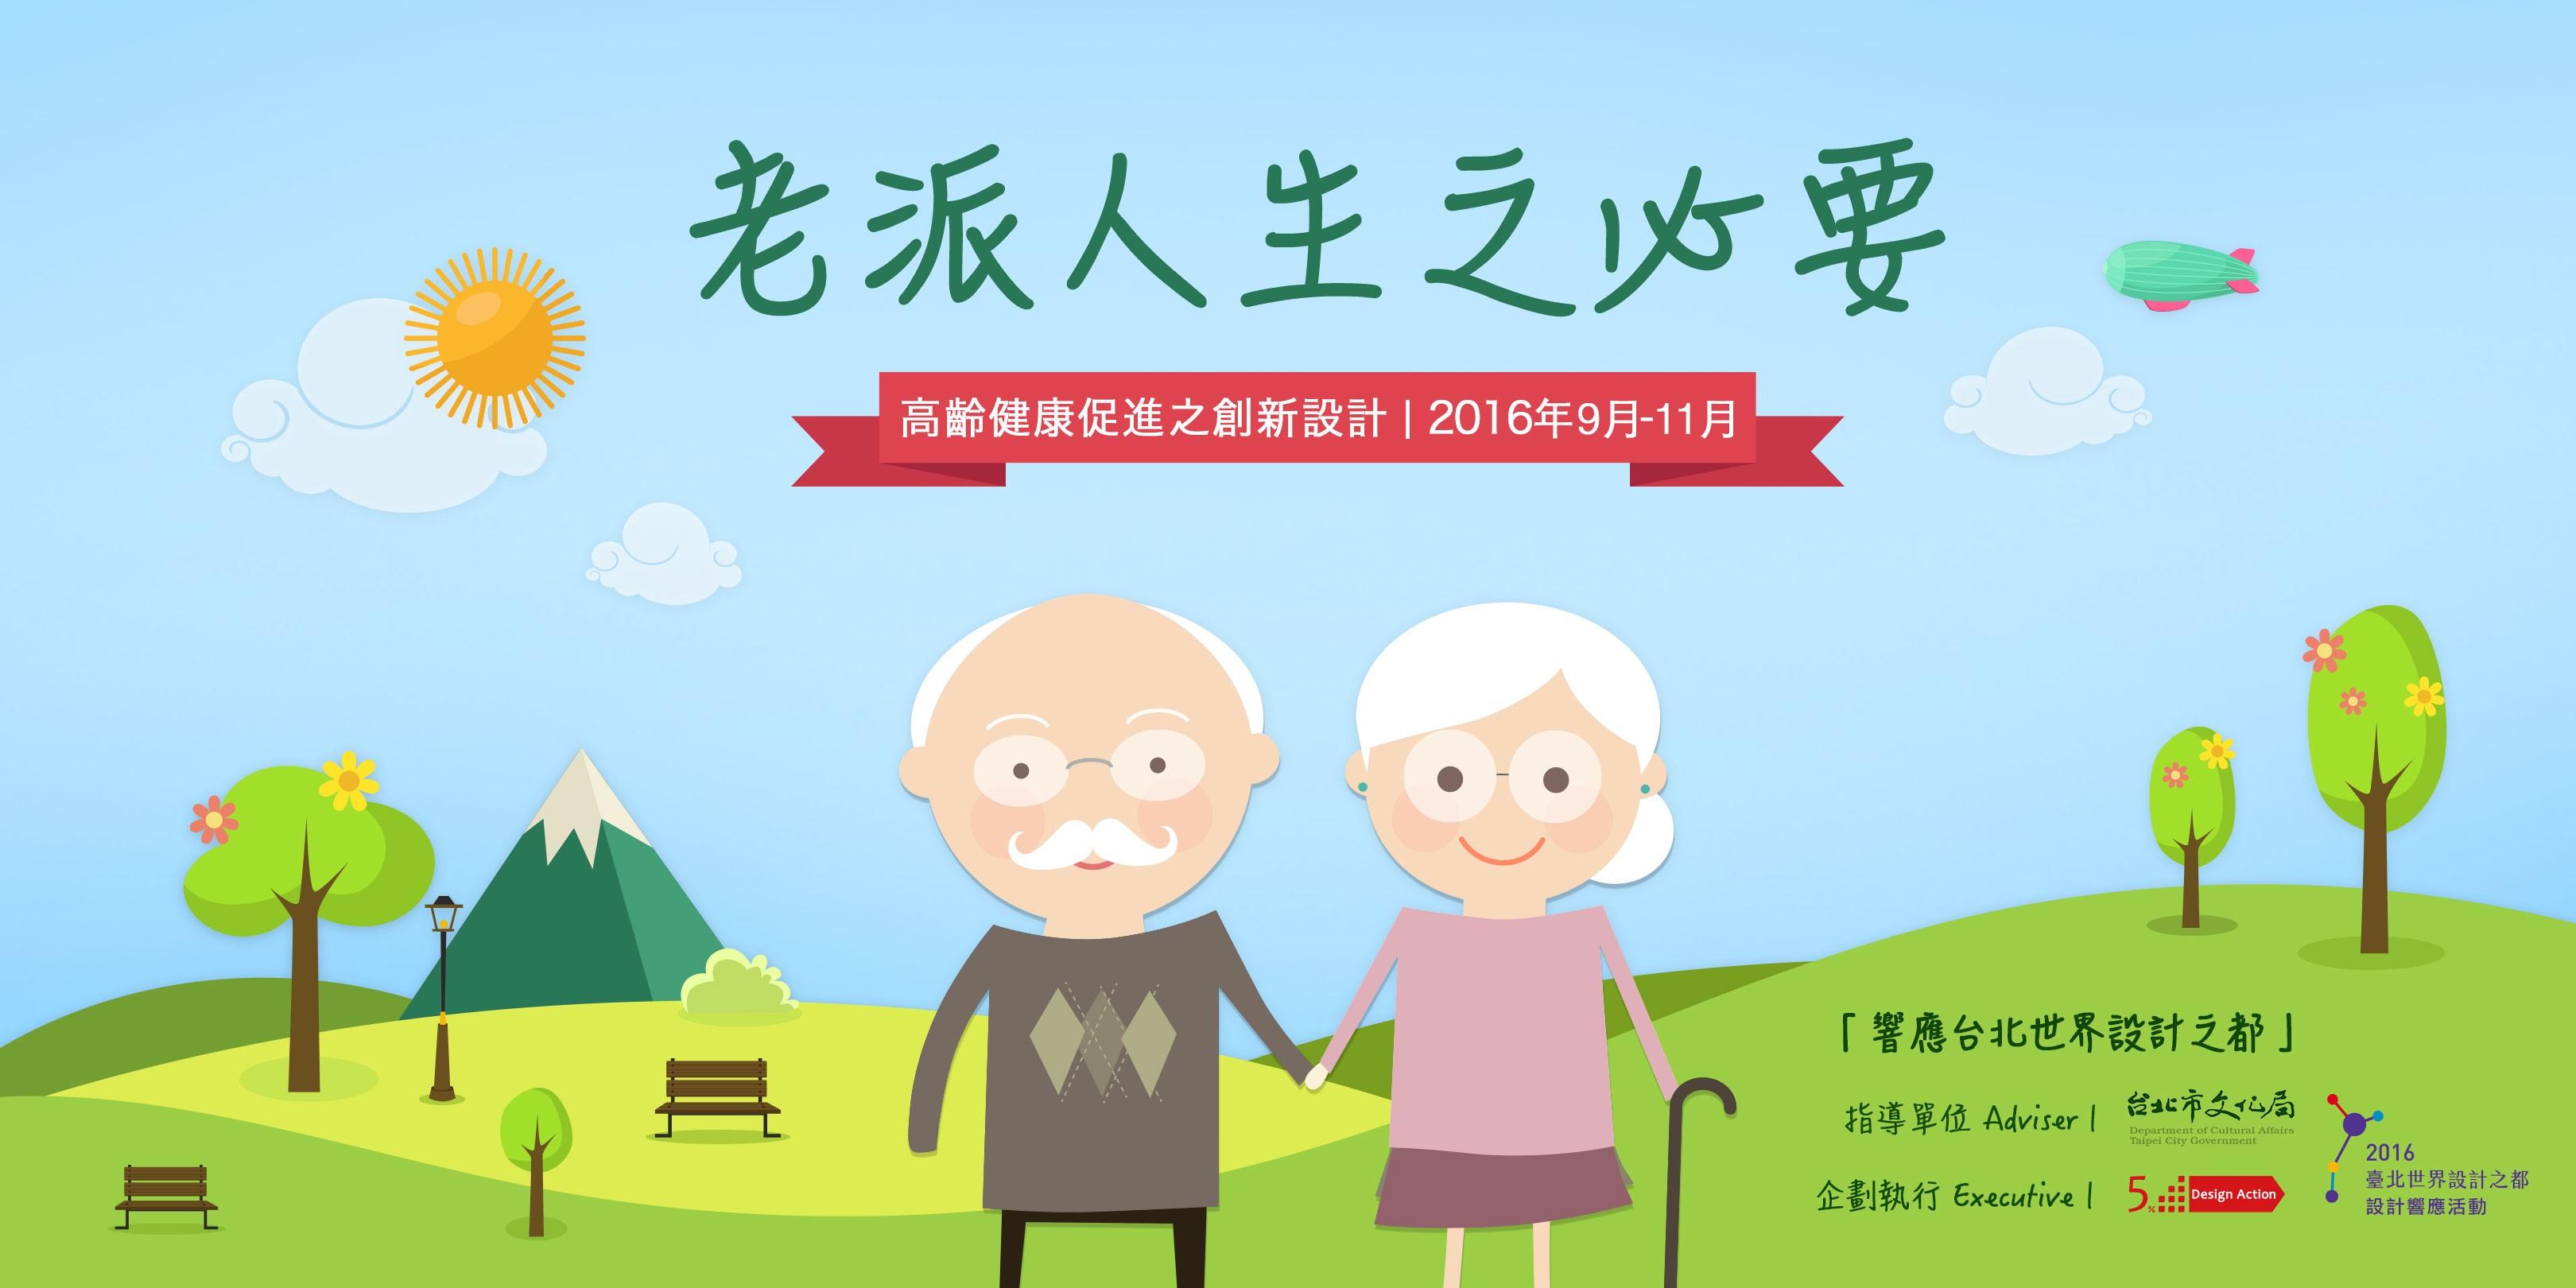 「老派人生之必要」高齡健康促進之創新設計是 5% Design Action 社會設計平臺本季活動/圖片來源:5% Design Action 社會設計平臺提供